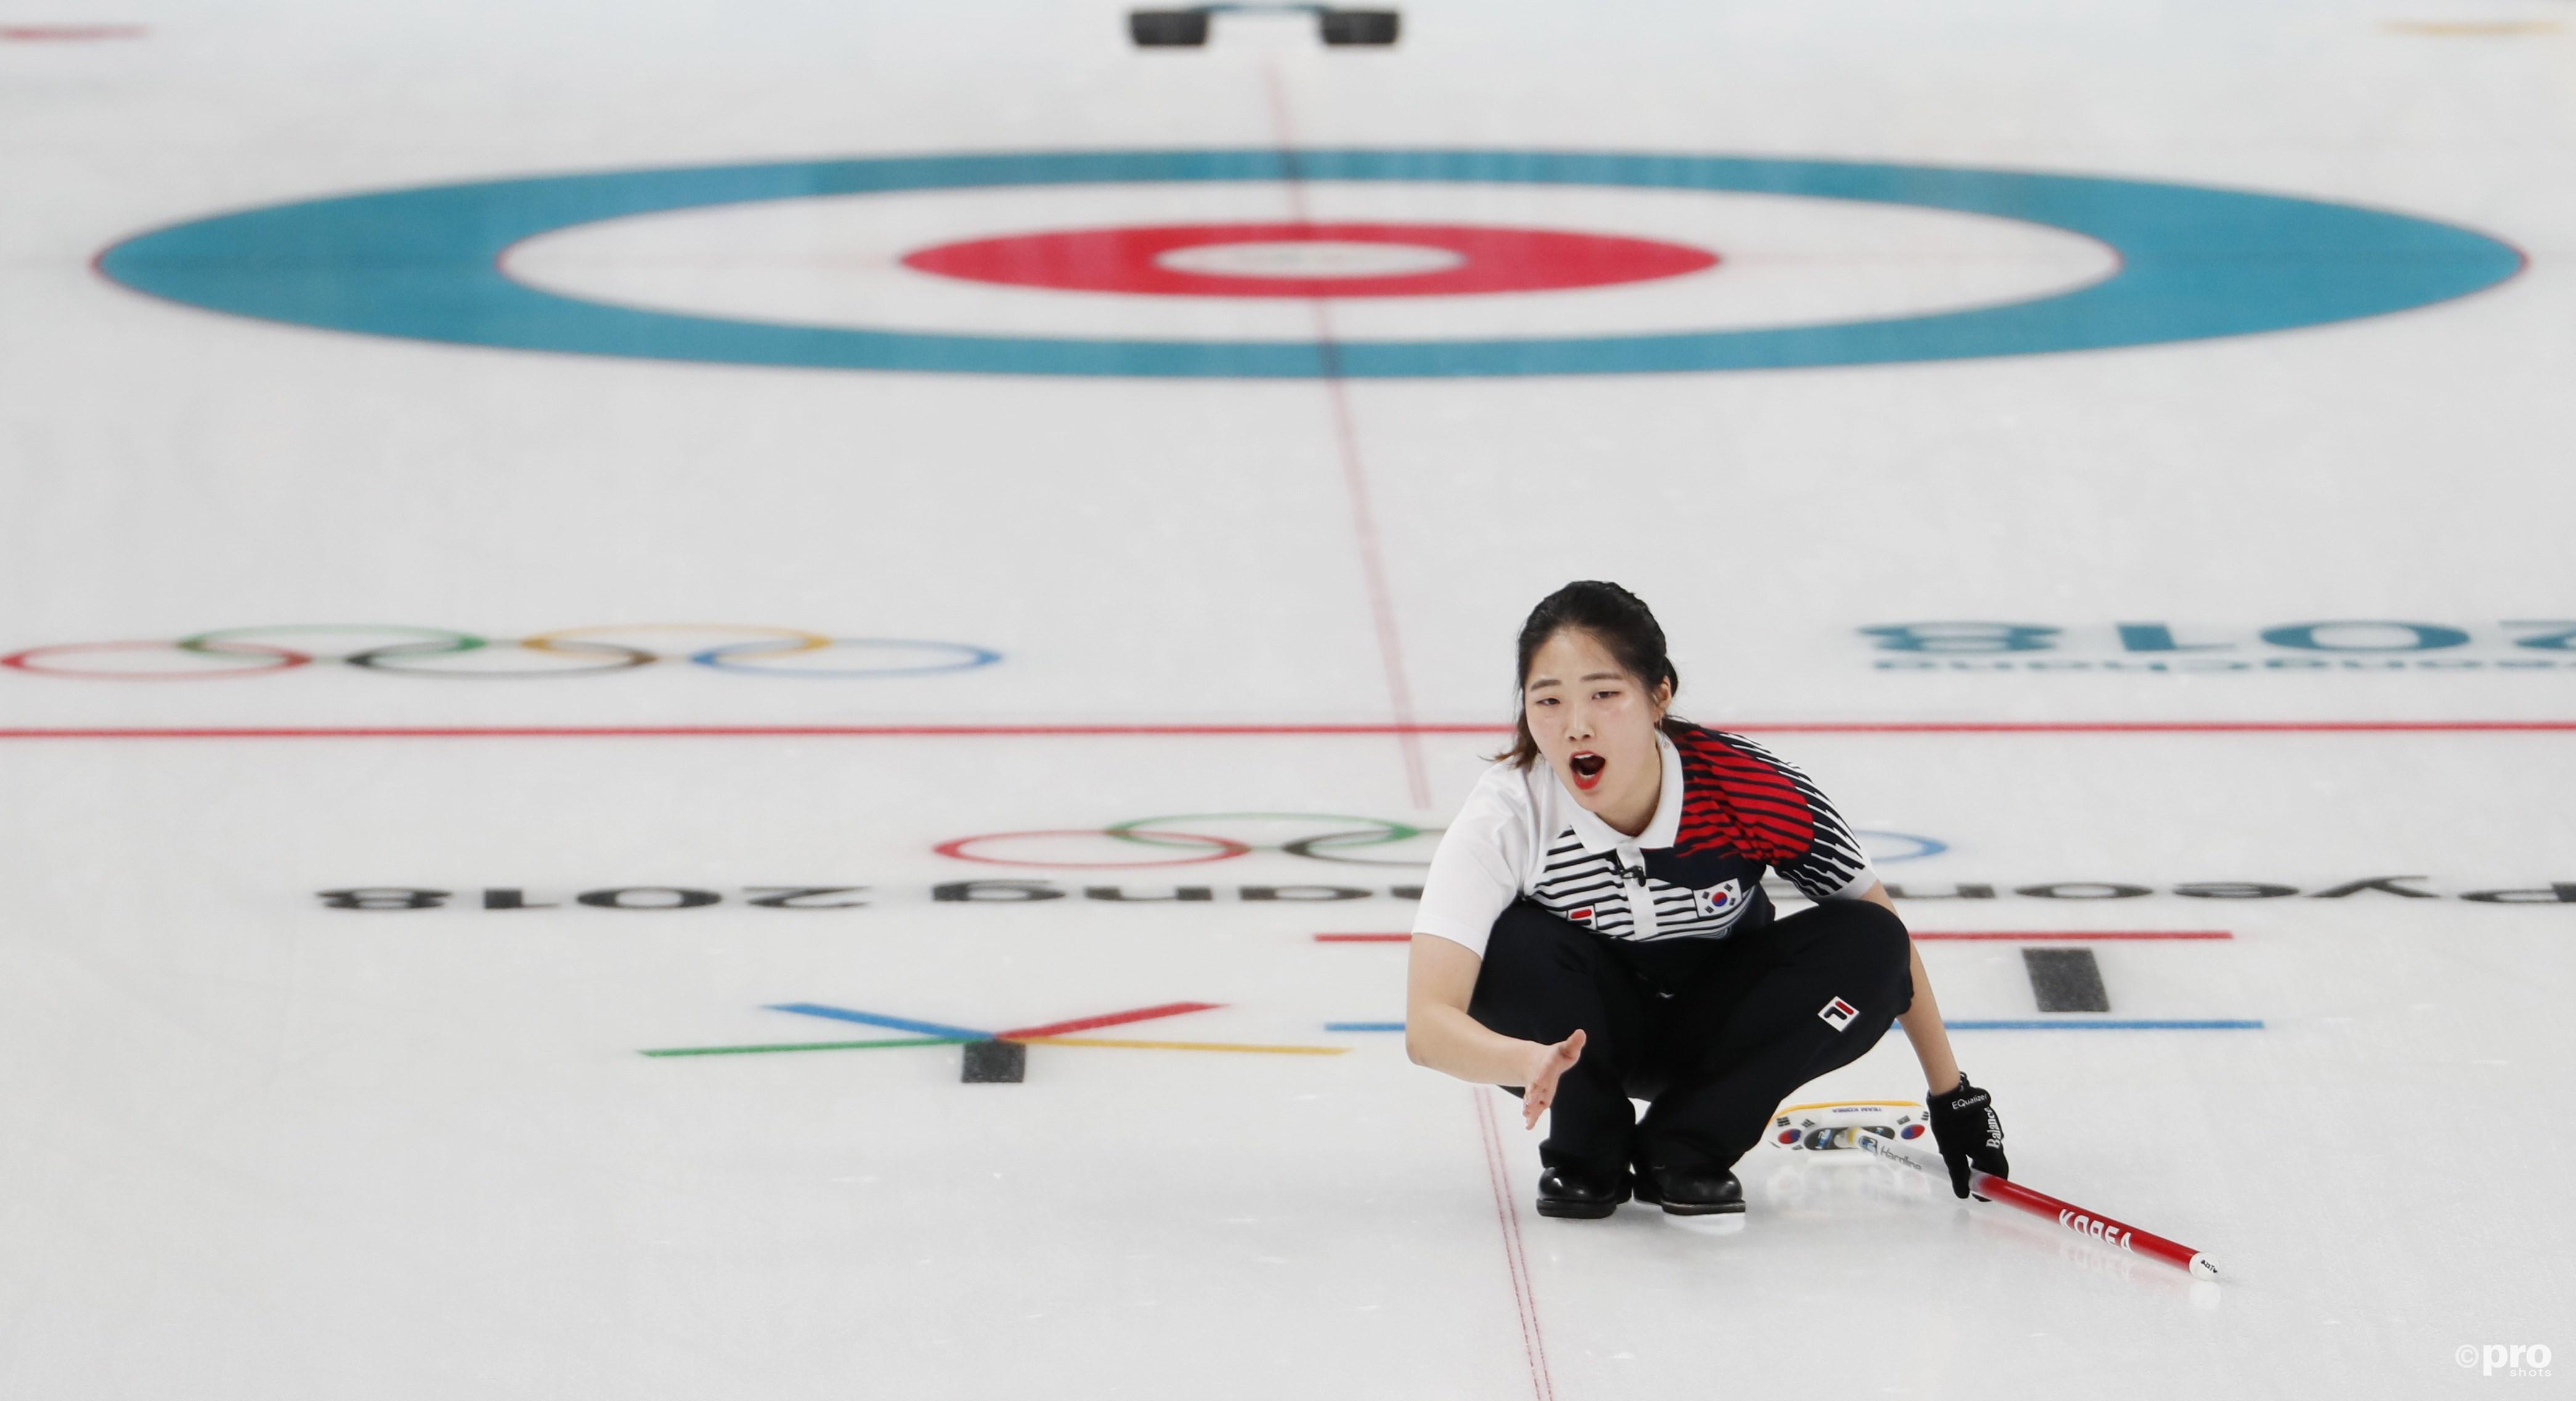 Jang schreeuwt haar steen nog even na (Pro Shots/Action Images)